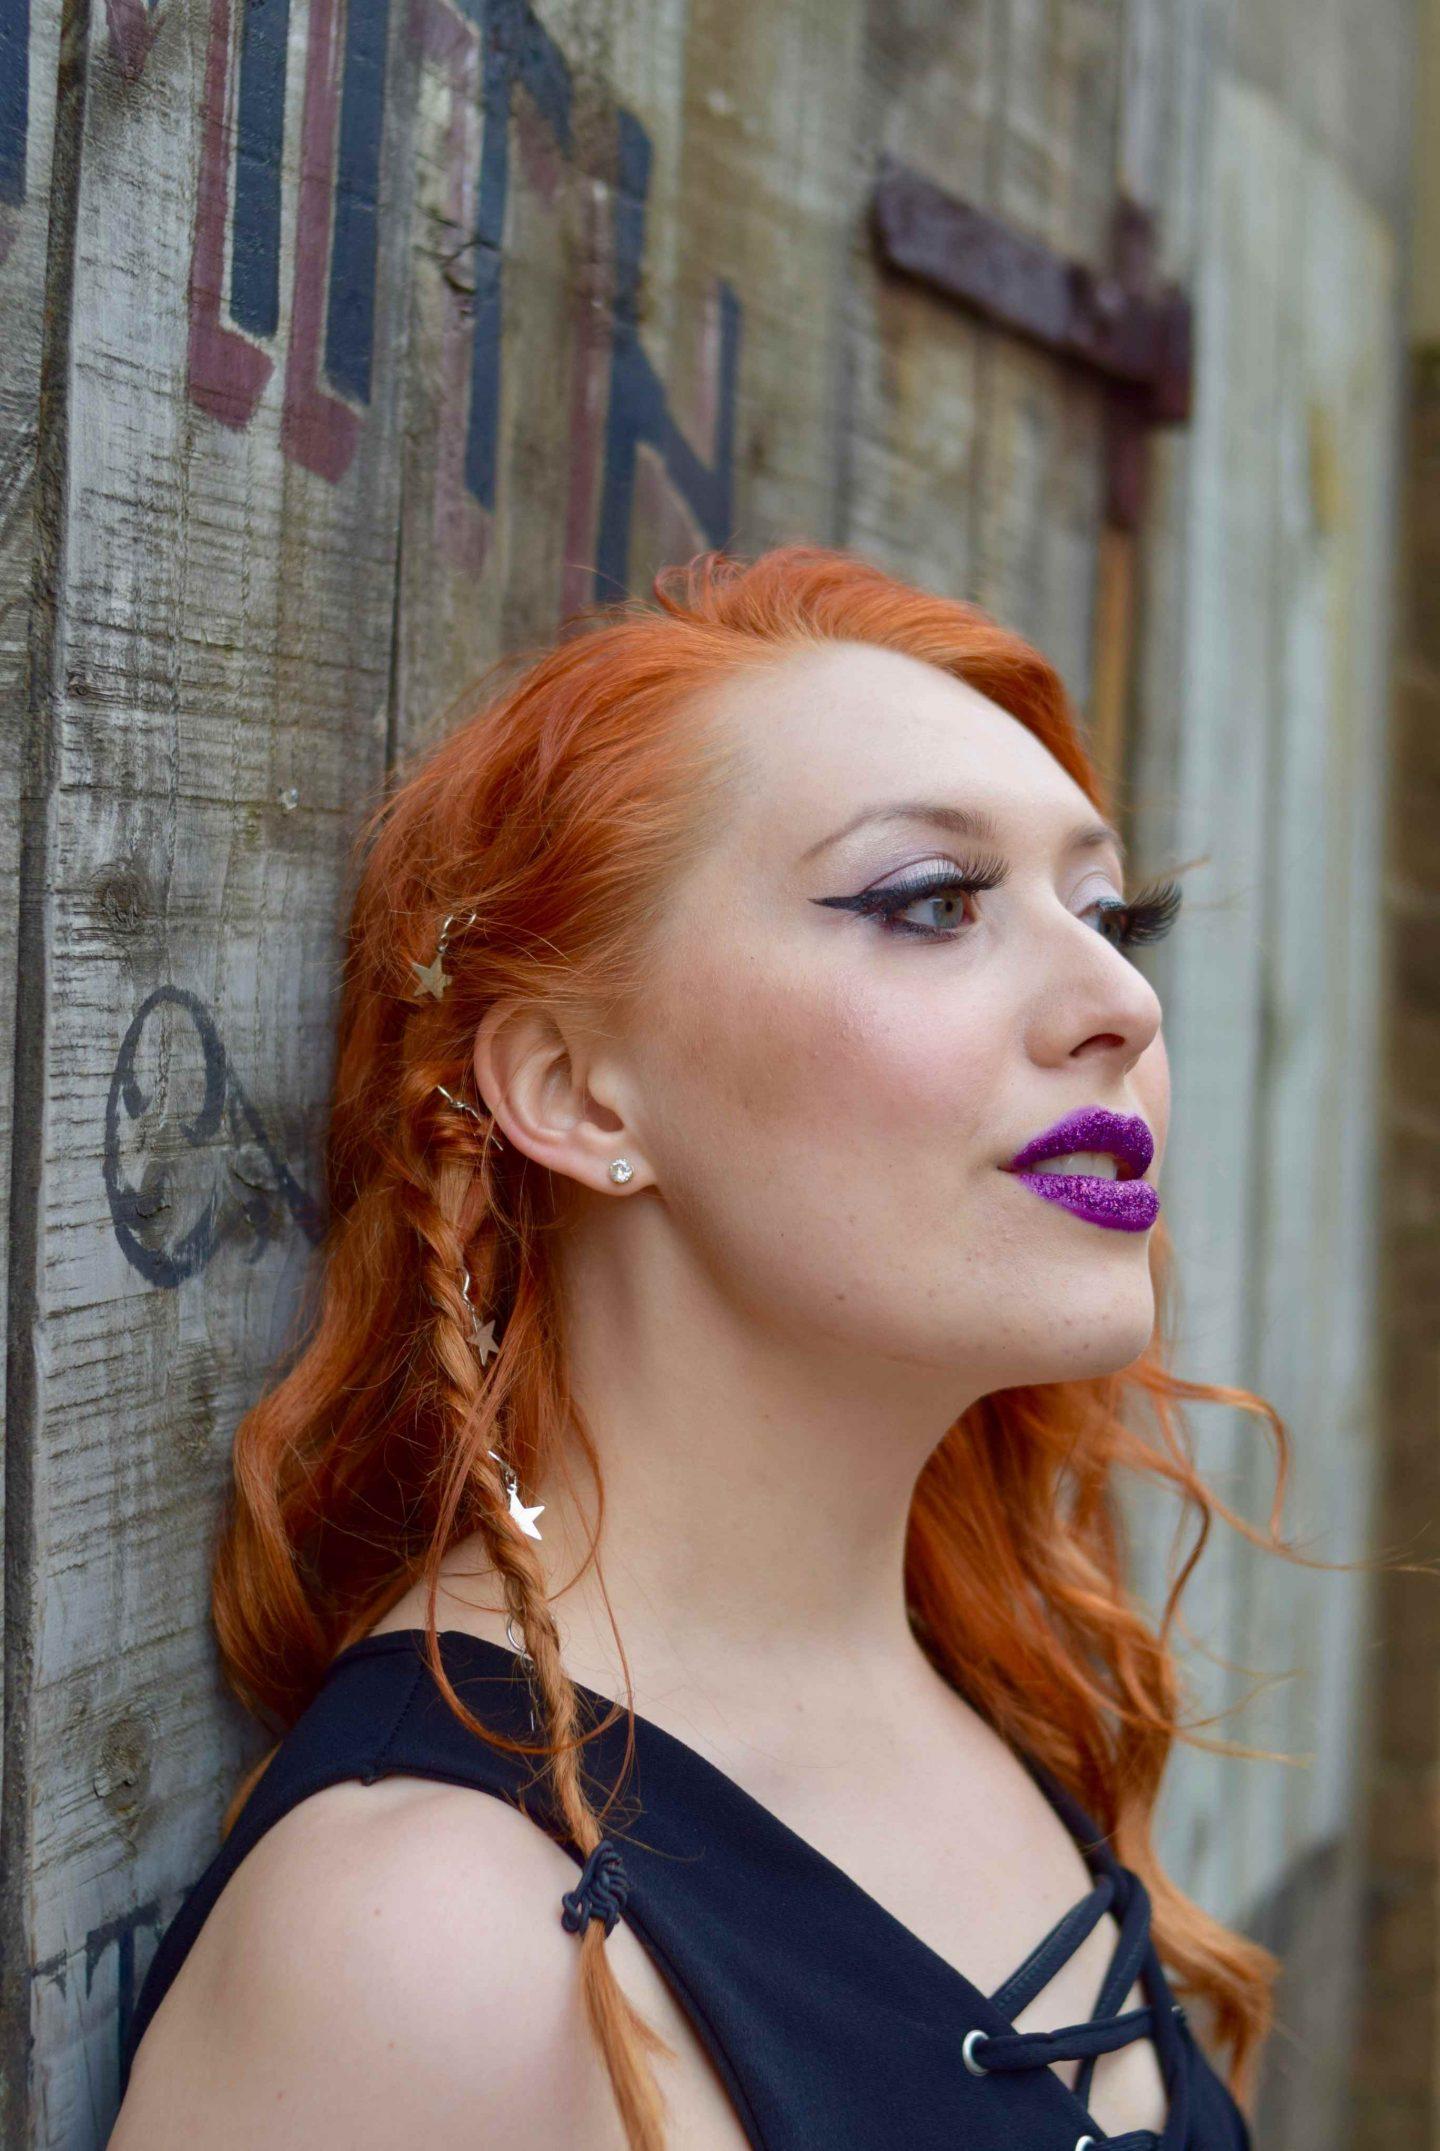 Blogger Twenty-Something City festival hair and make up trends glitter lips hair rings